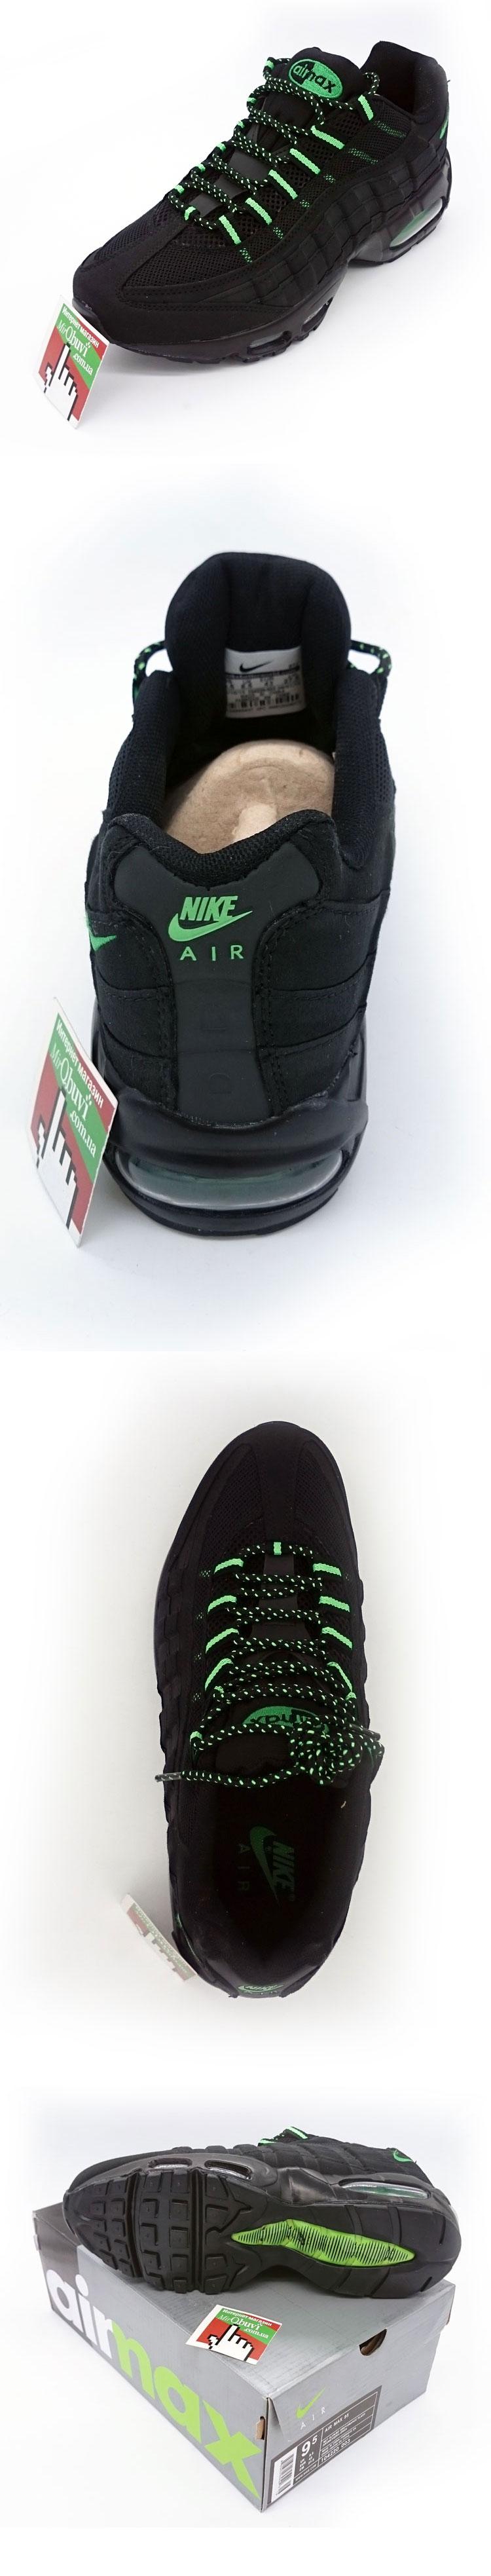 большое фото №5 Мужские кроссовки Nike air max 95  черные с зеленым. ТОП КАЧЕСТВО!!!